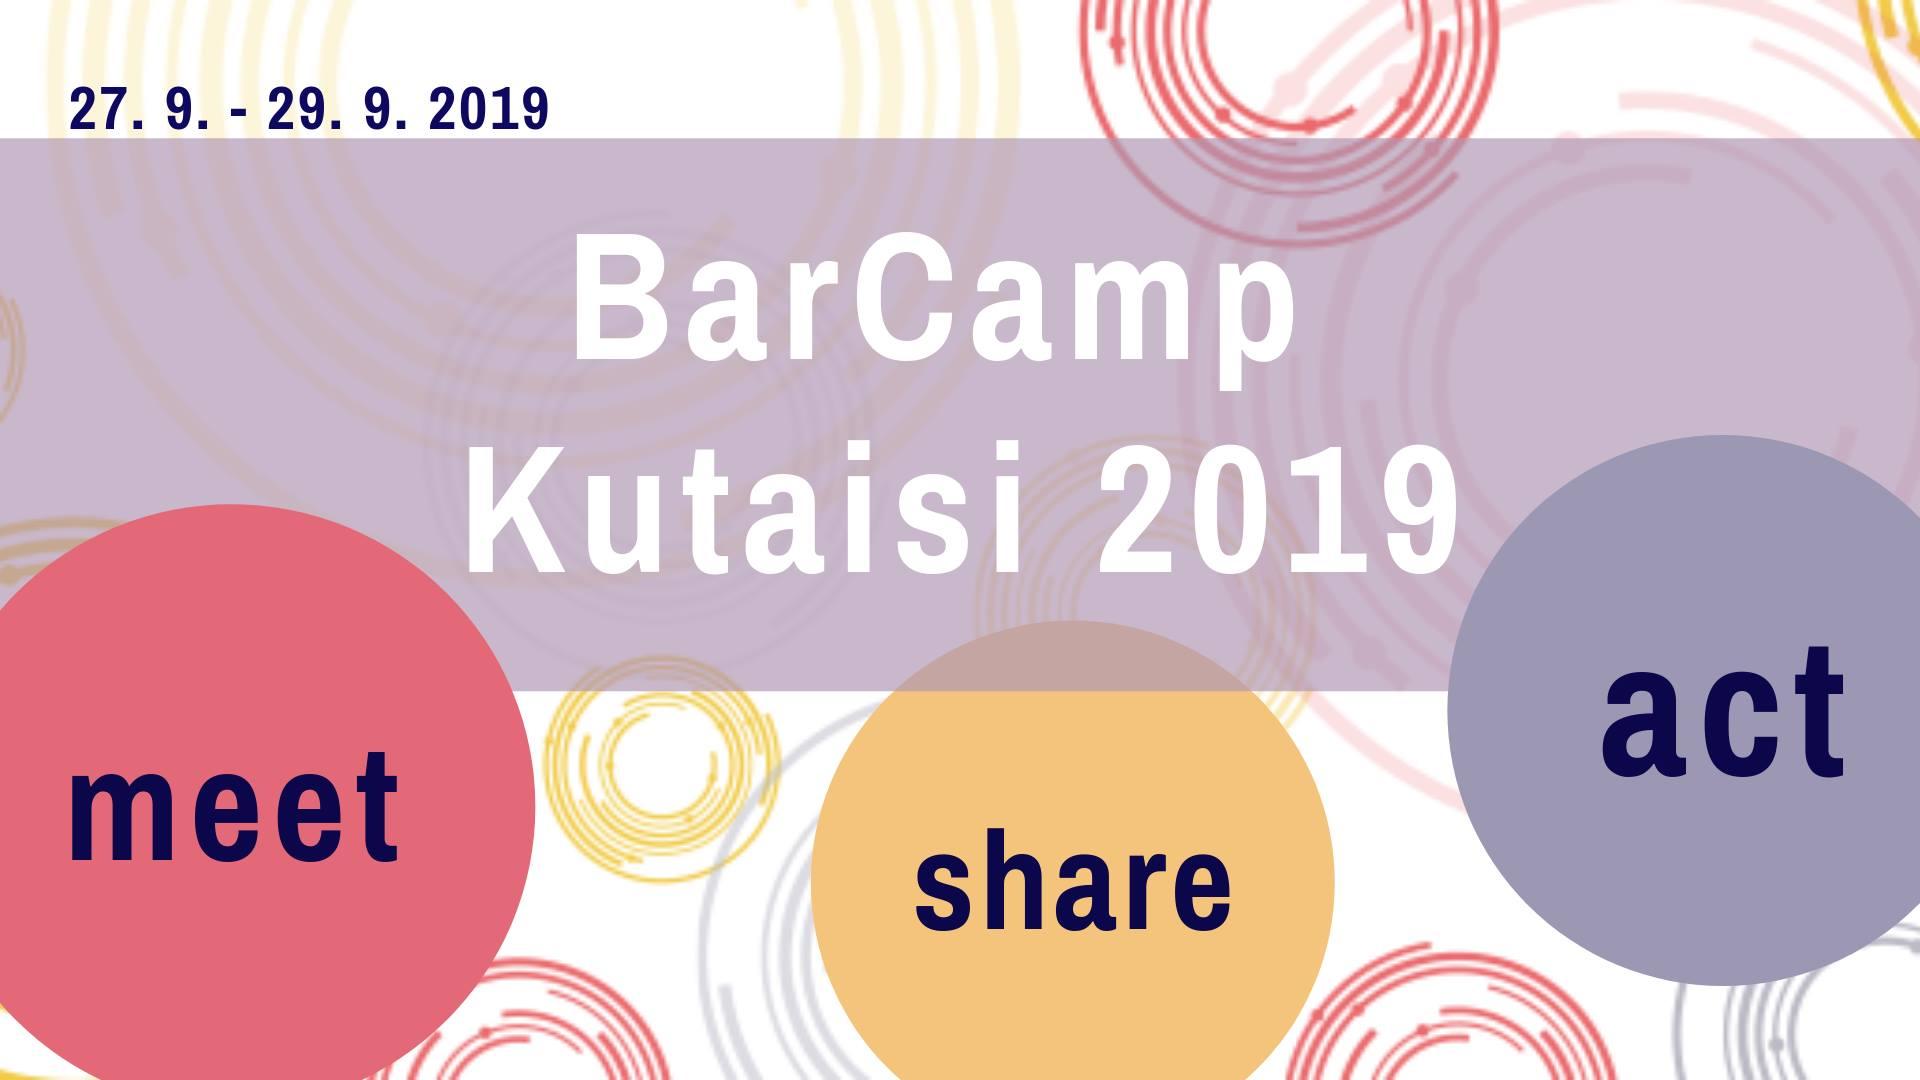 V Gruzii začíná mezinárodní BarCamp